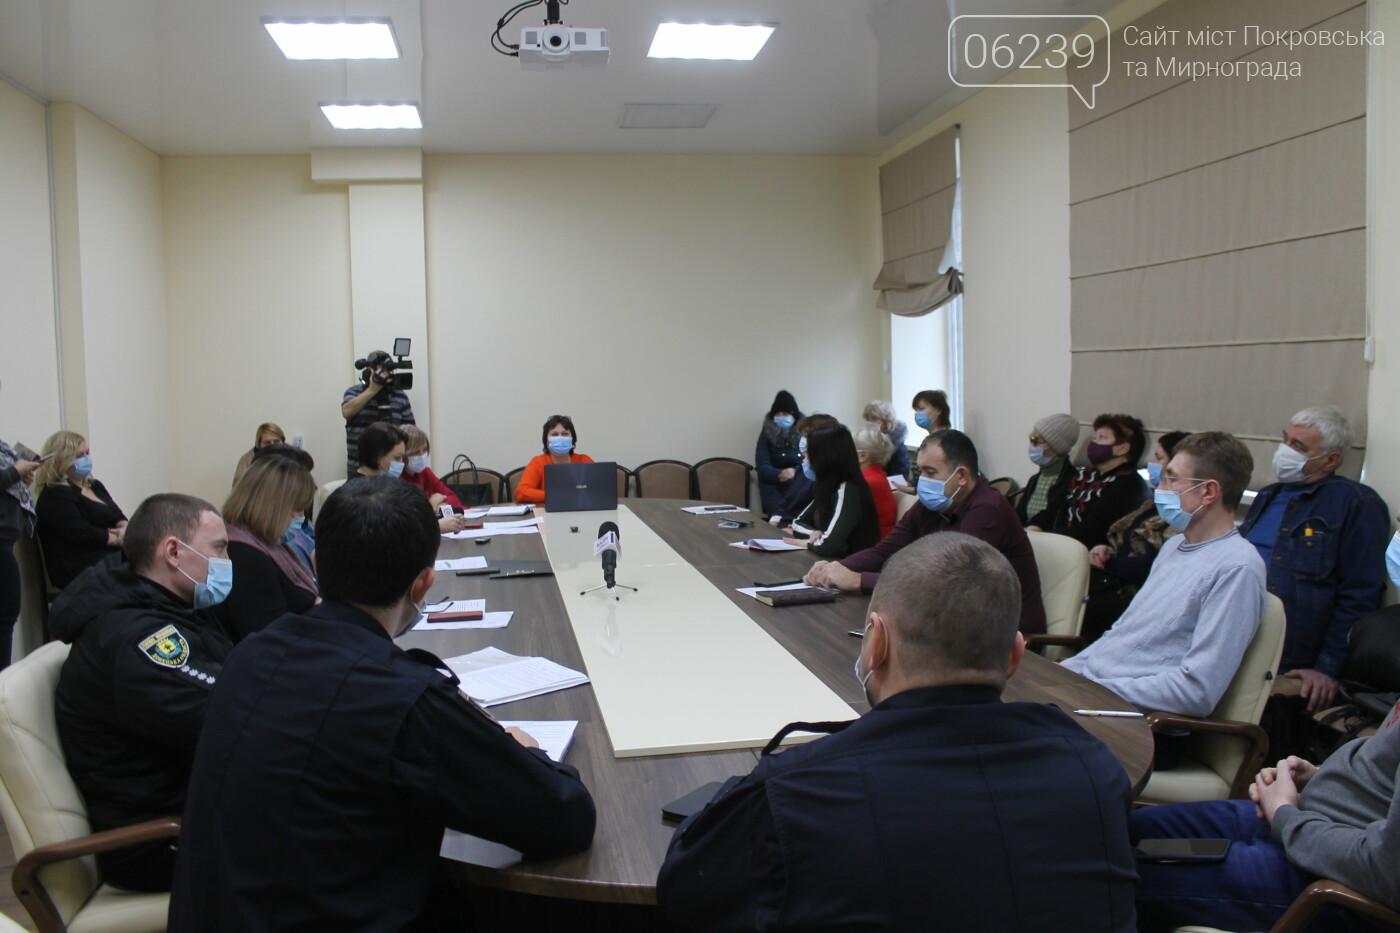 Локдаун в Покровске: что изменится для горожан с 8 января?, фото-11